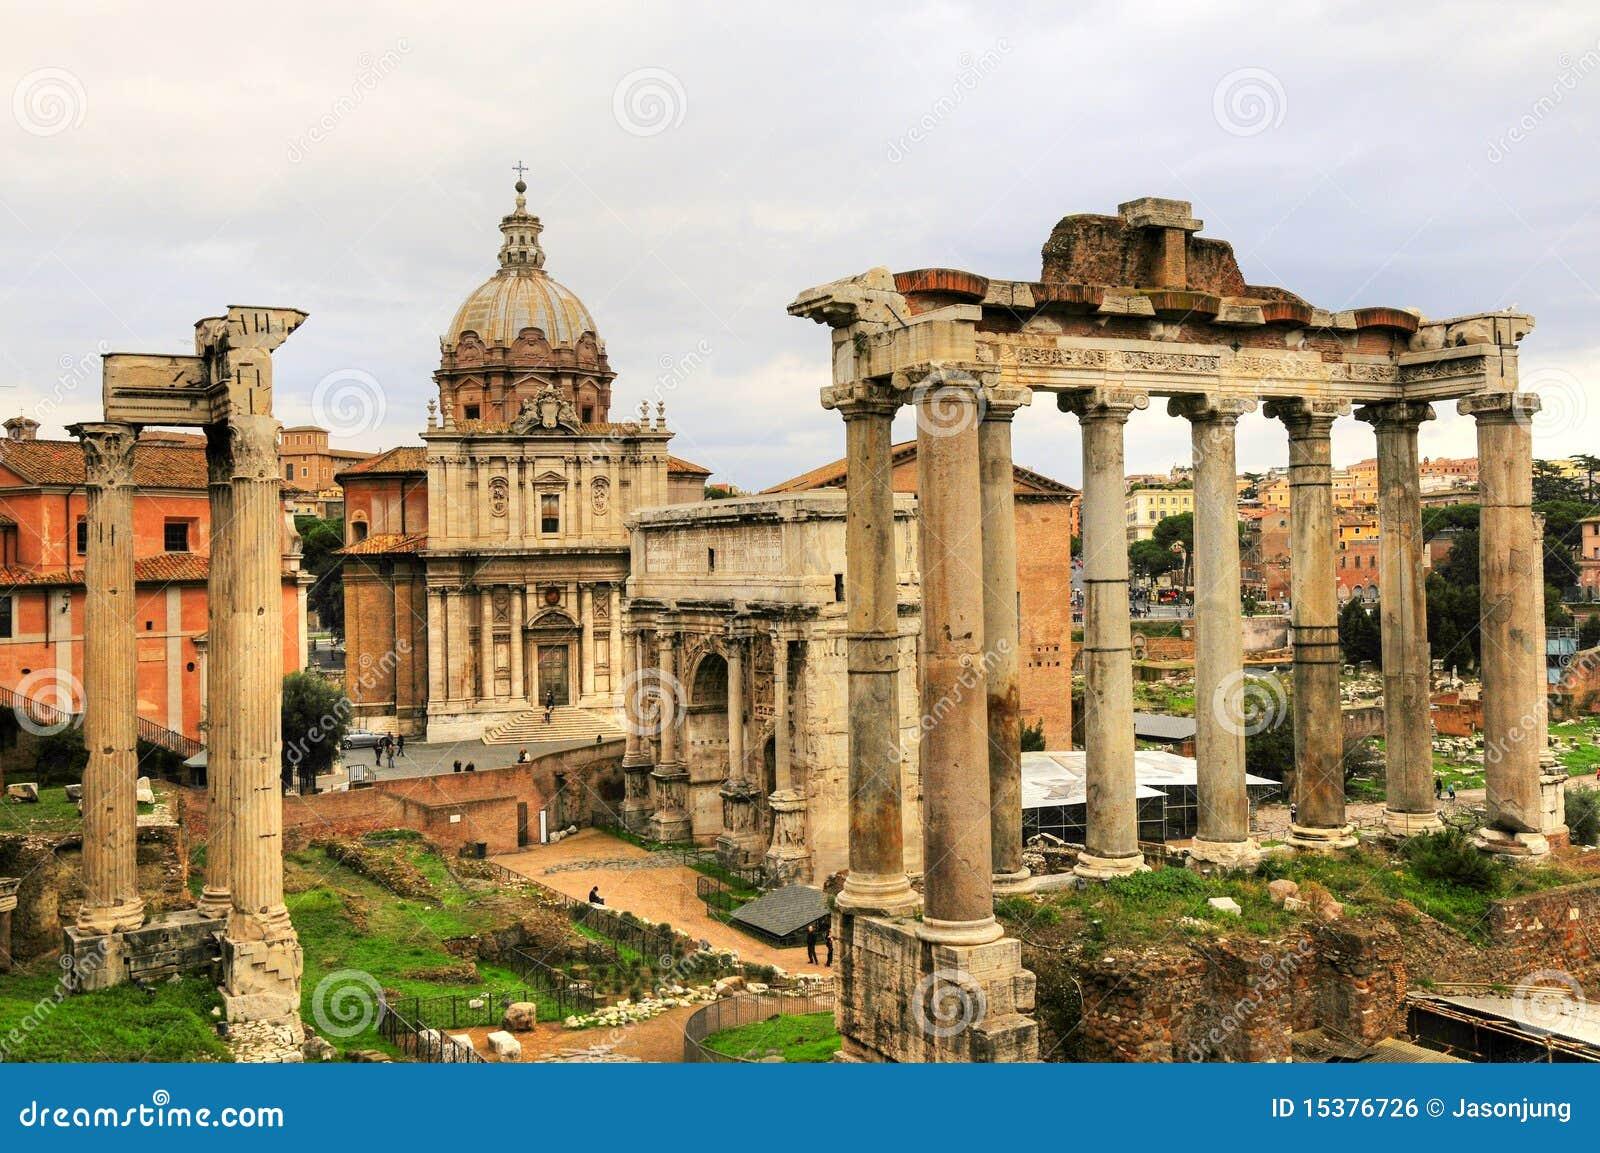 Ancient rome ruin building of rome city royalty free stock - Cuisine de la rome antique ...